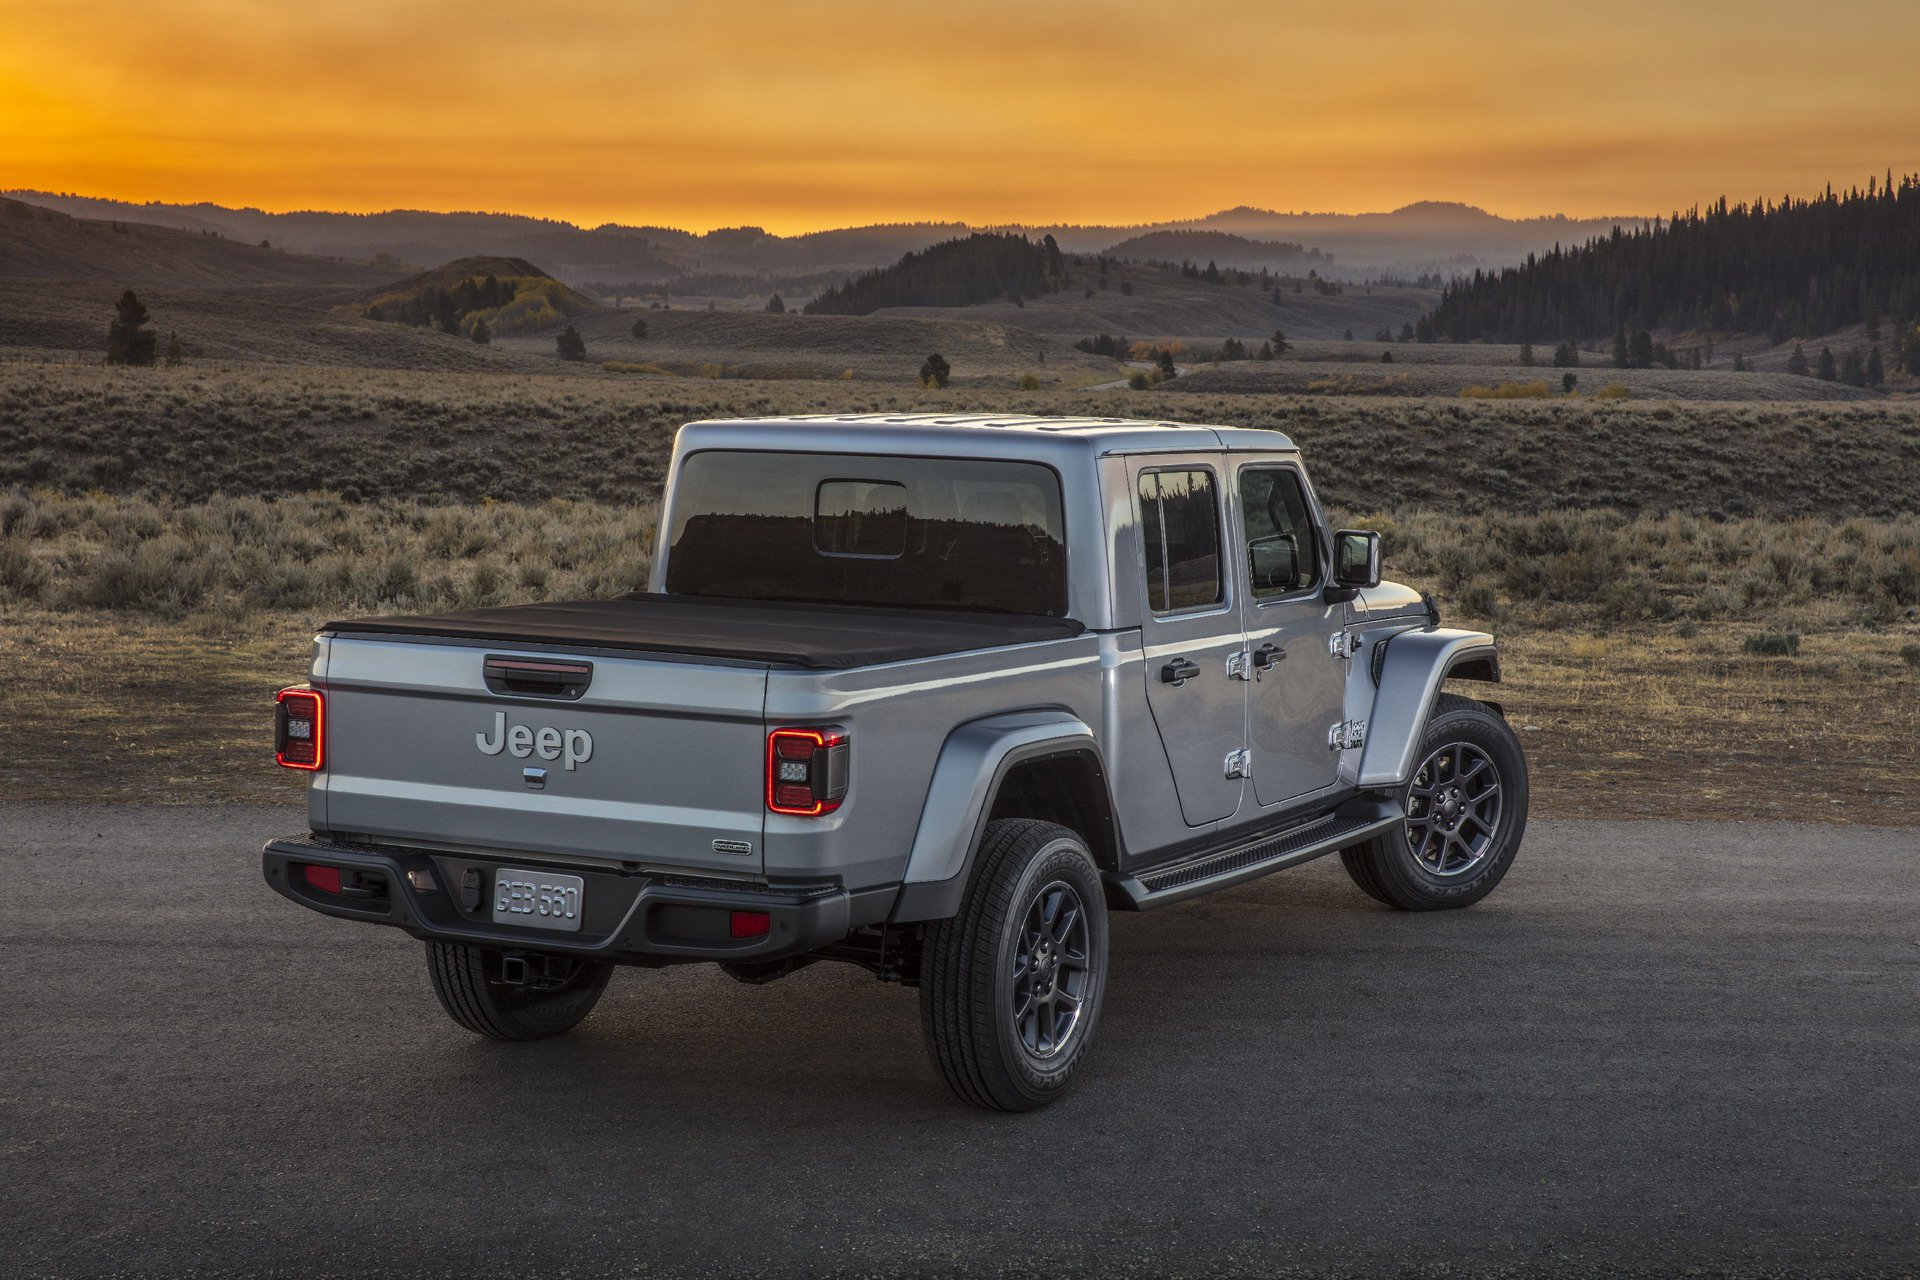 Jeep Gladiator 2019 (145)